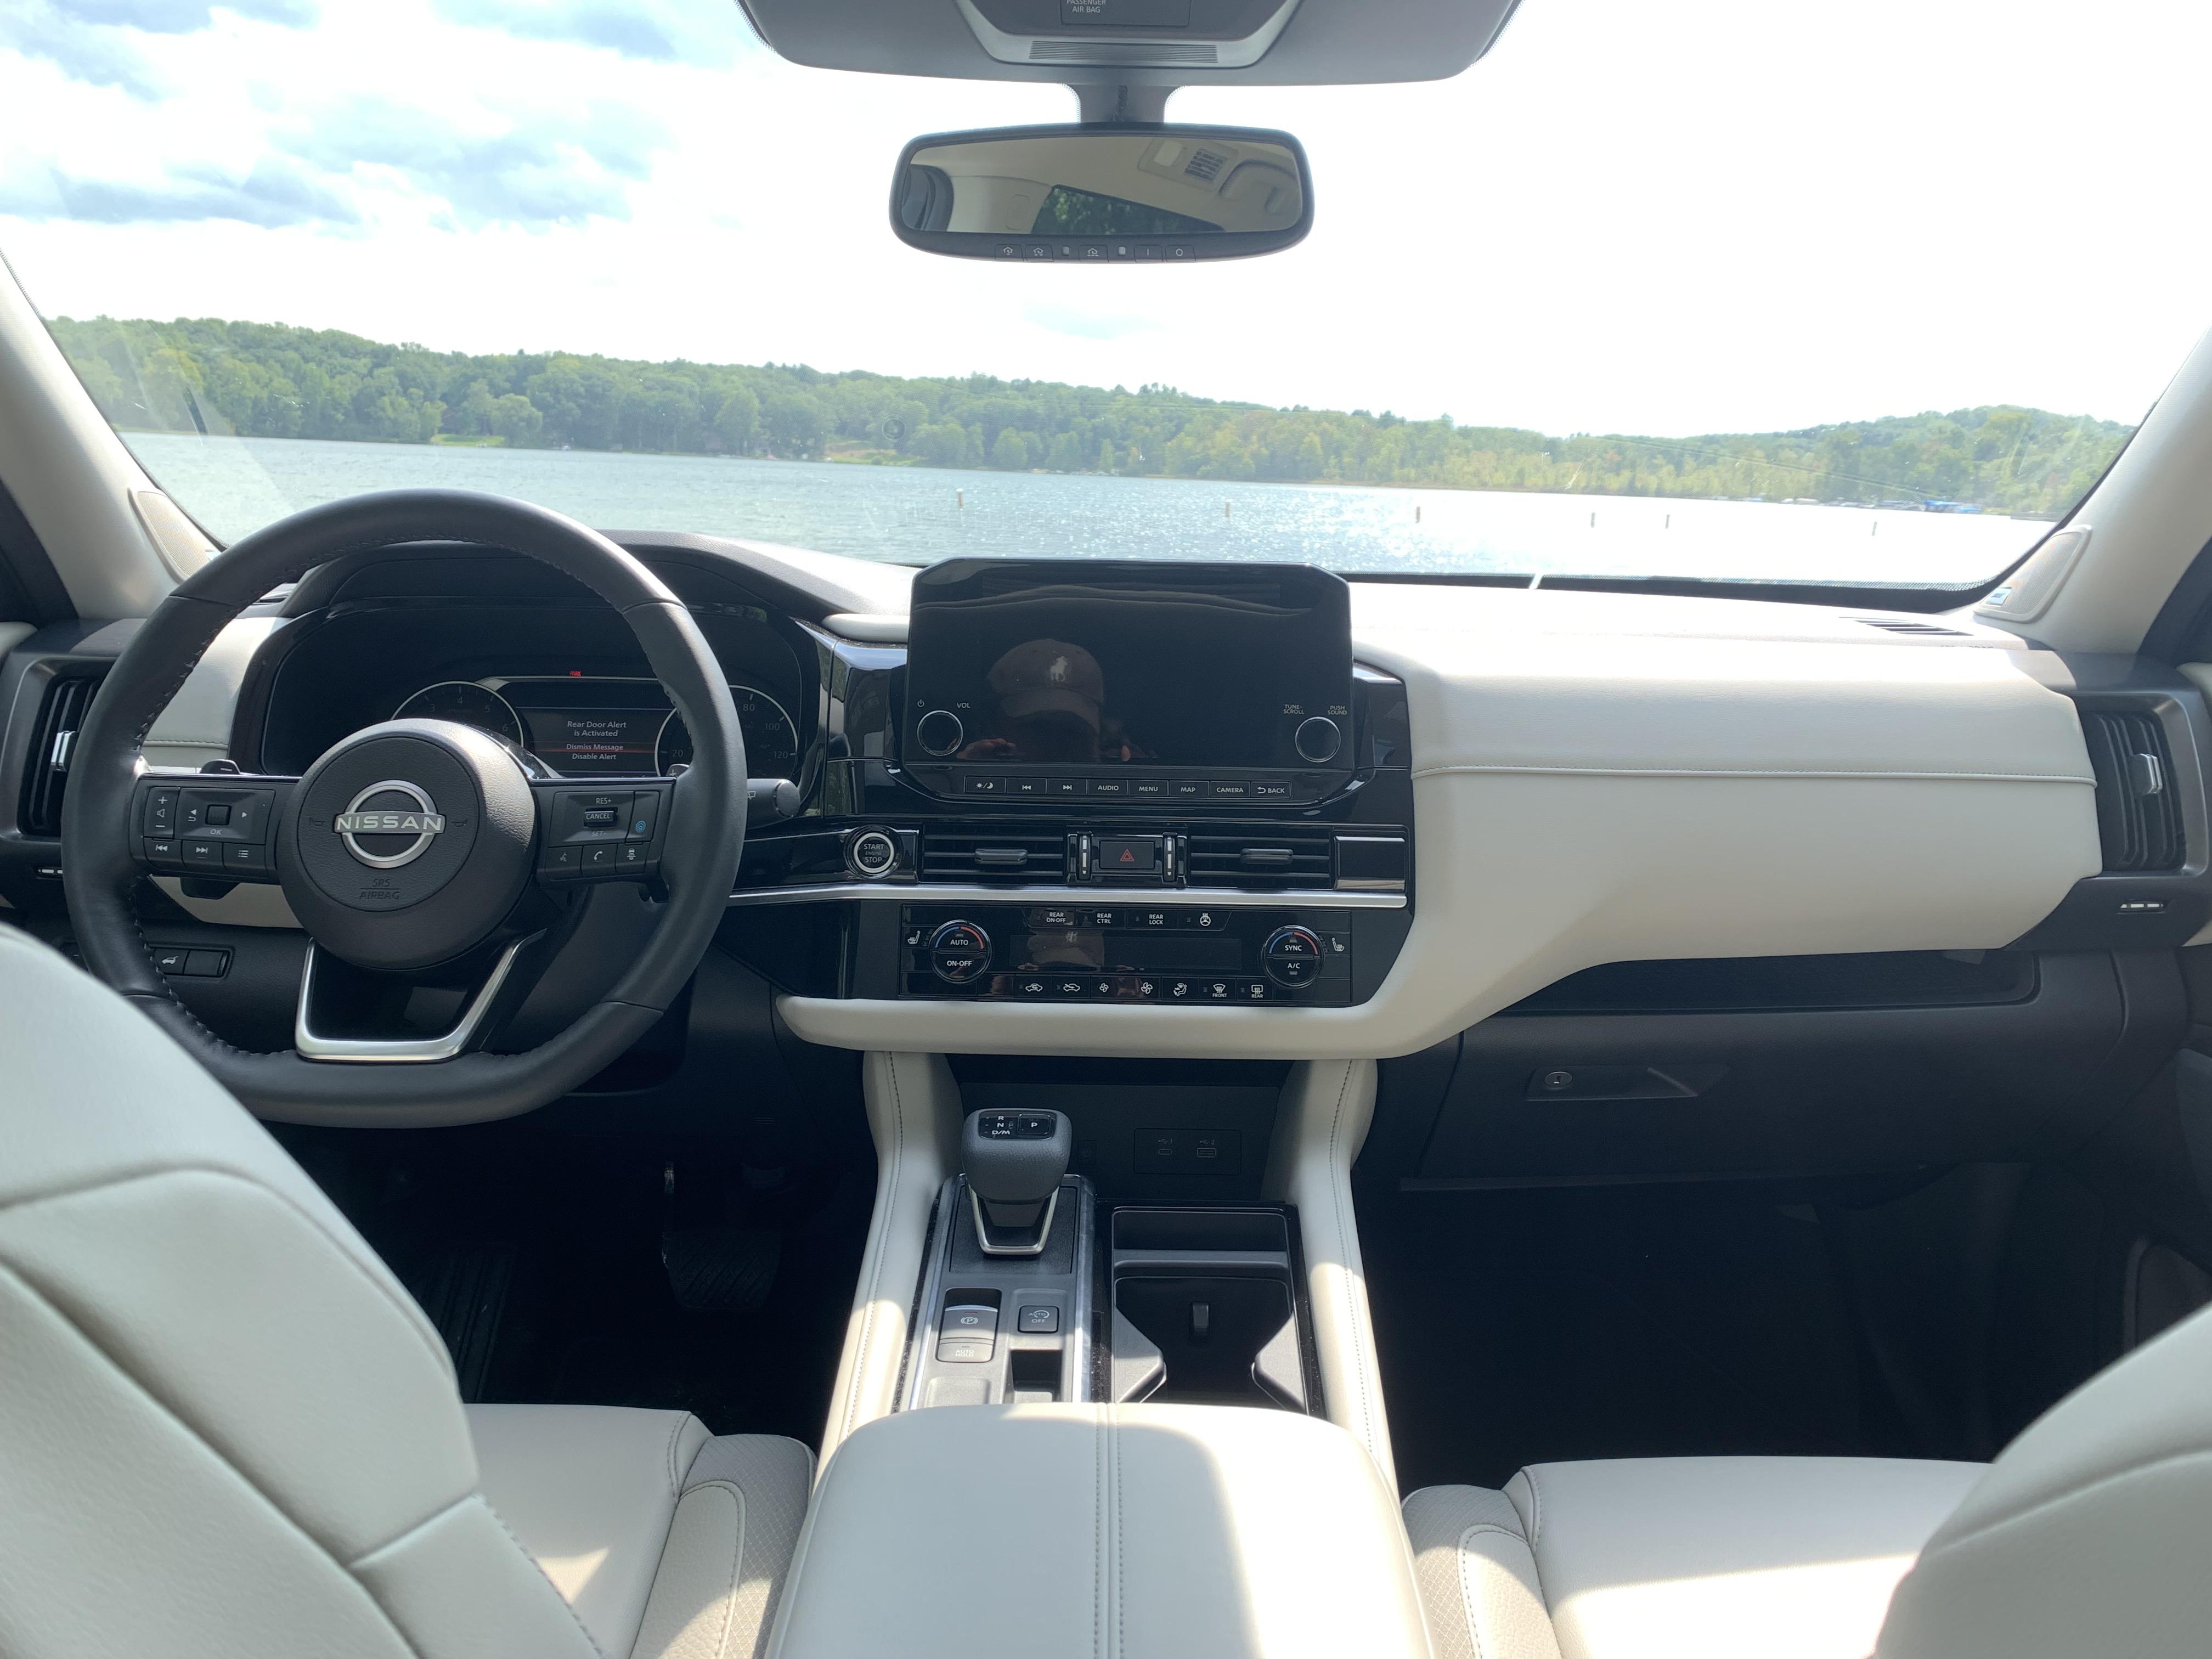 Pathfinder interior